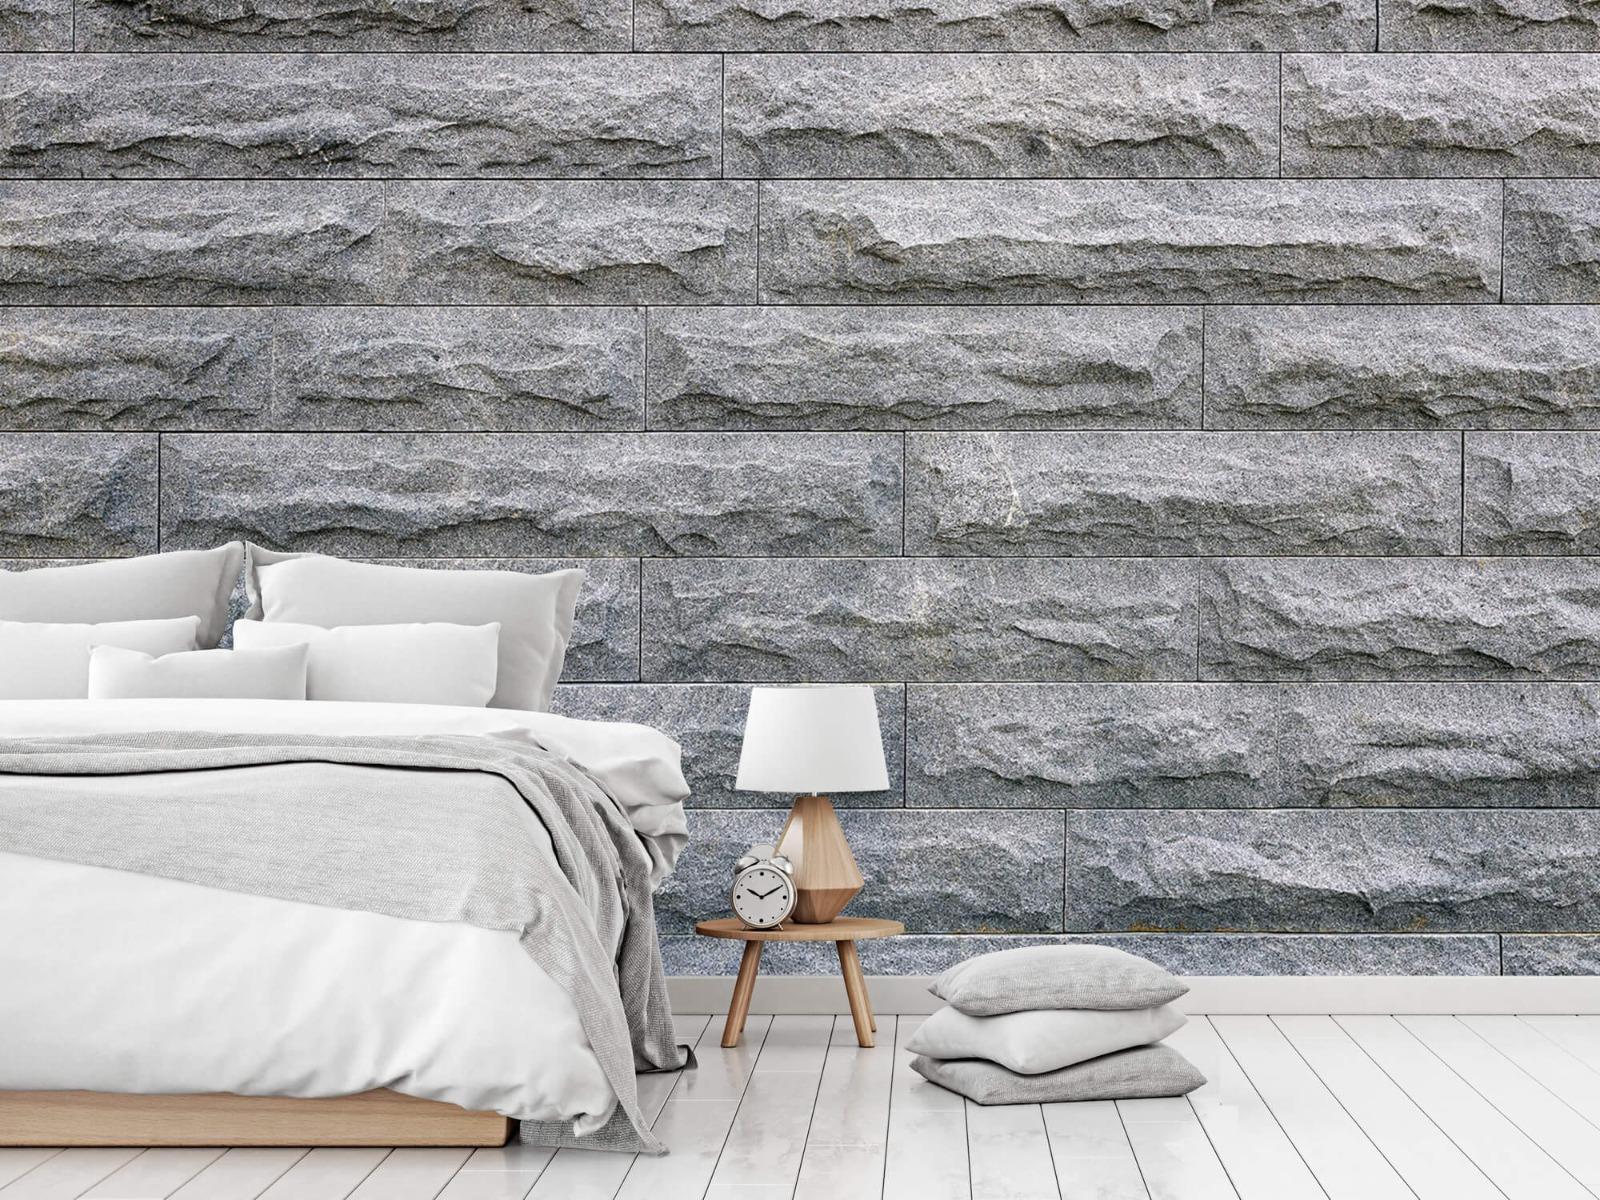 Steen behang - Grote grijze stenen - Slaapkamer 14